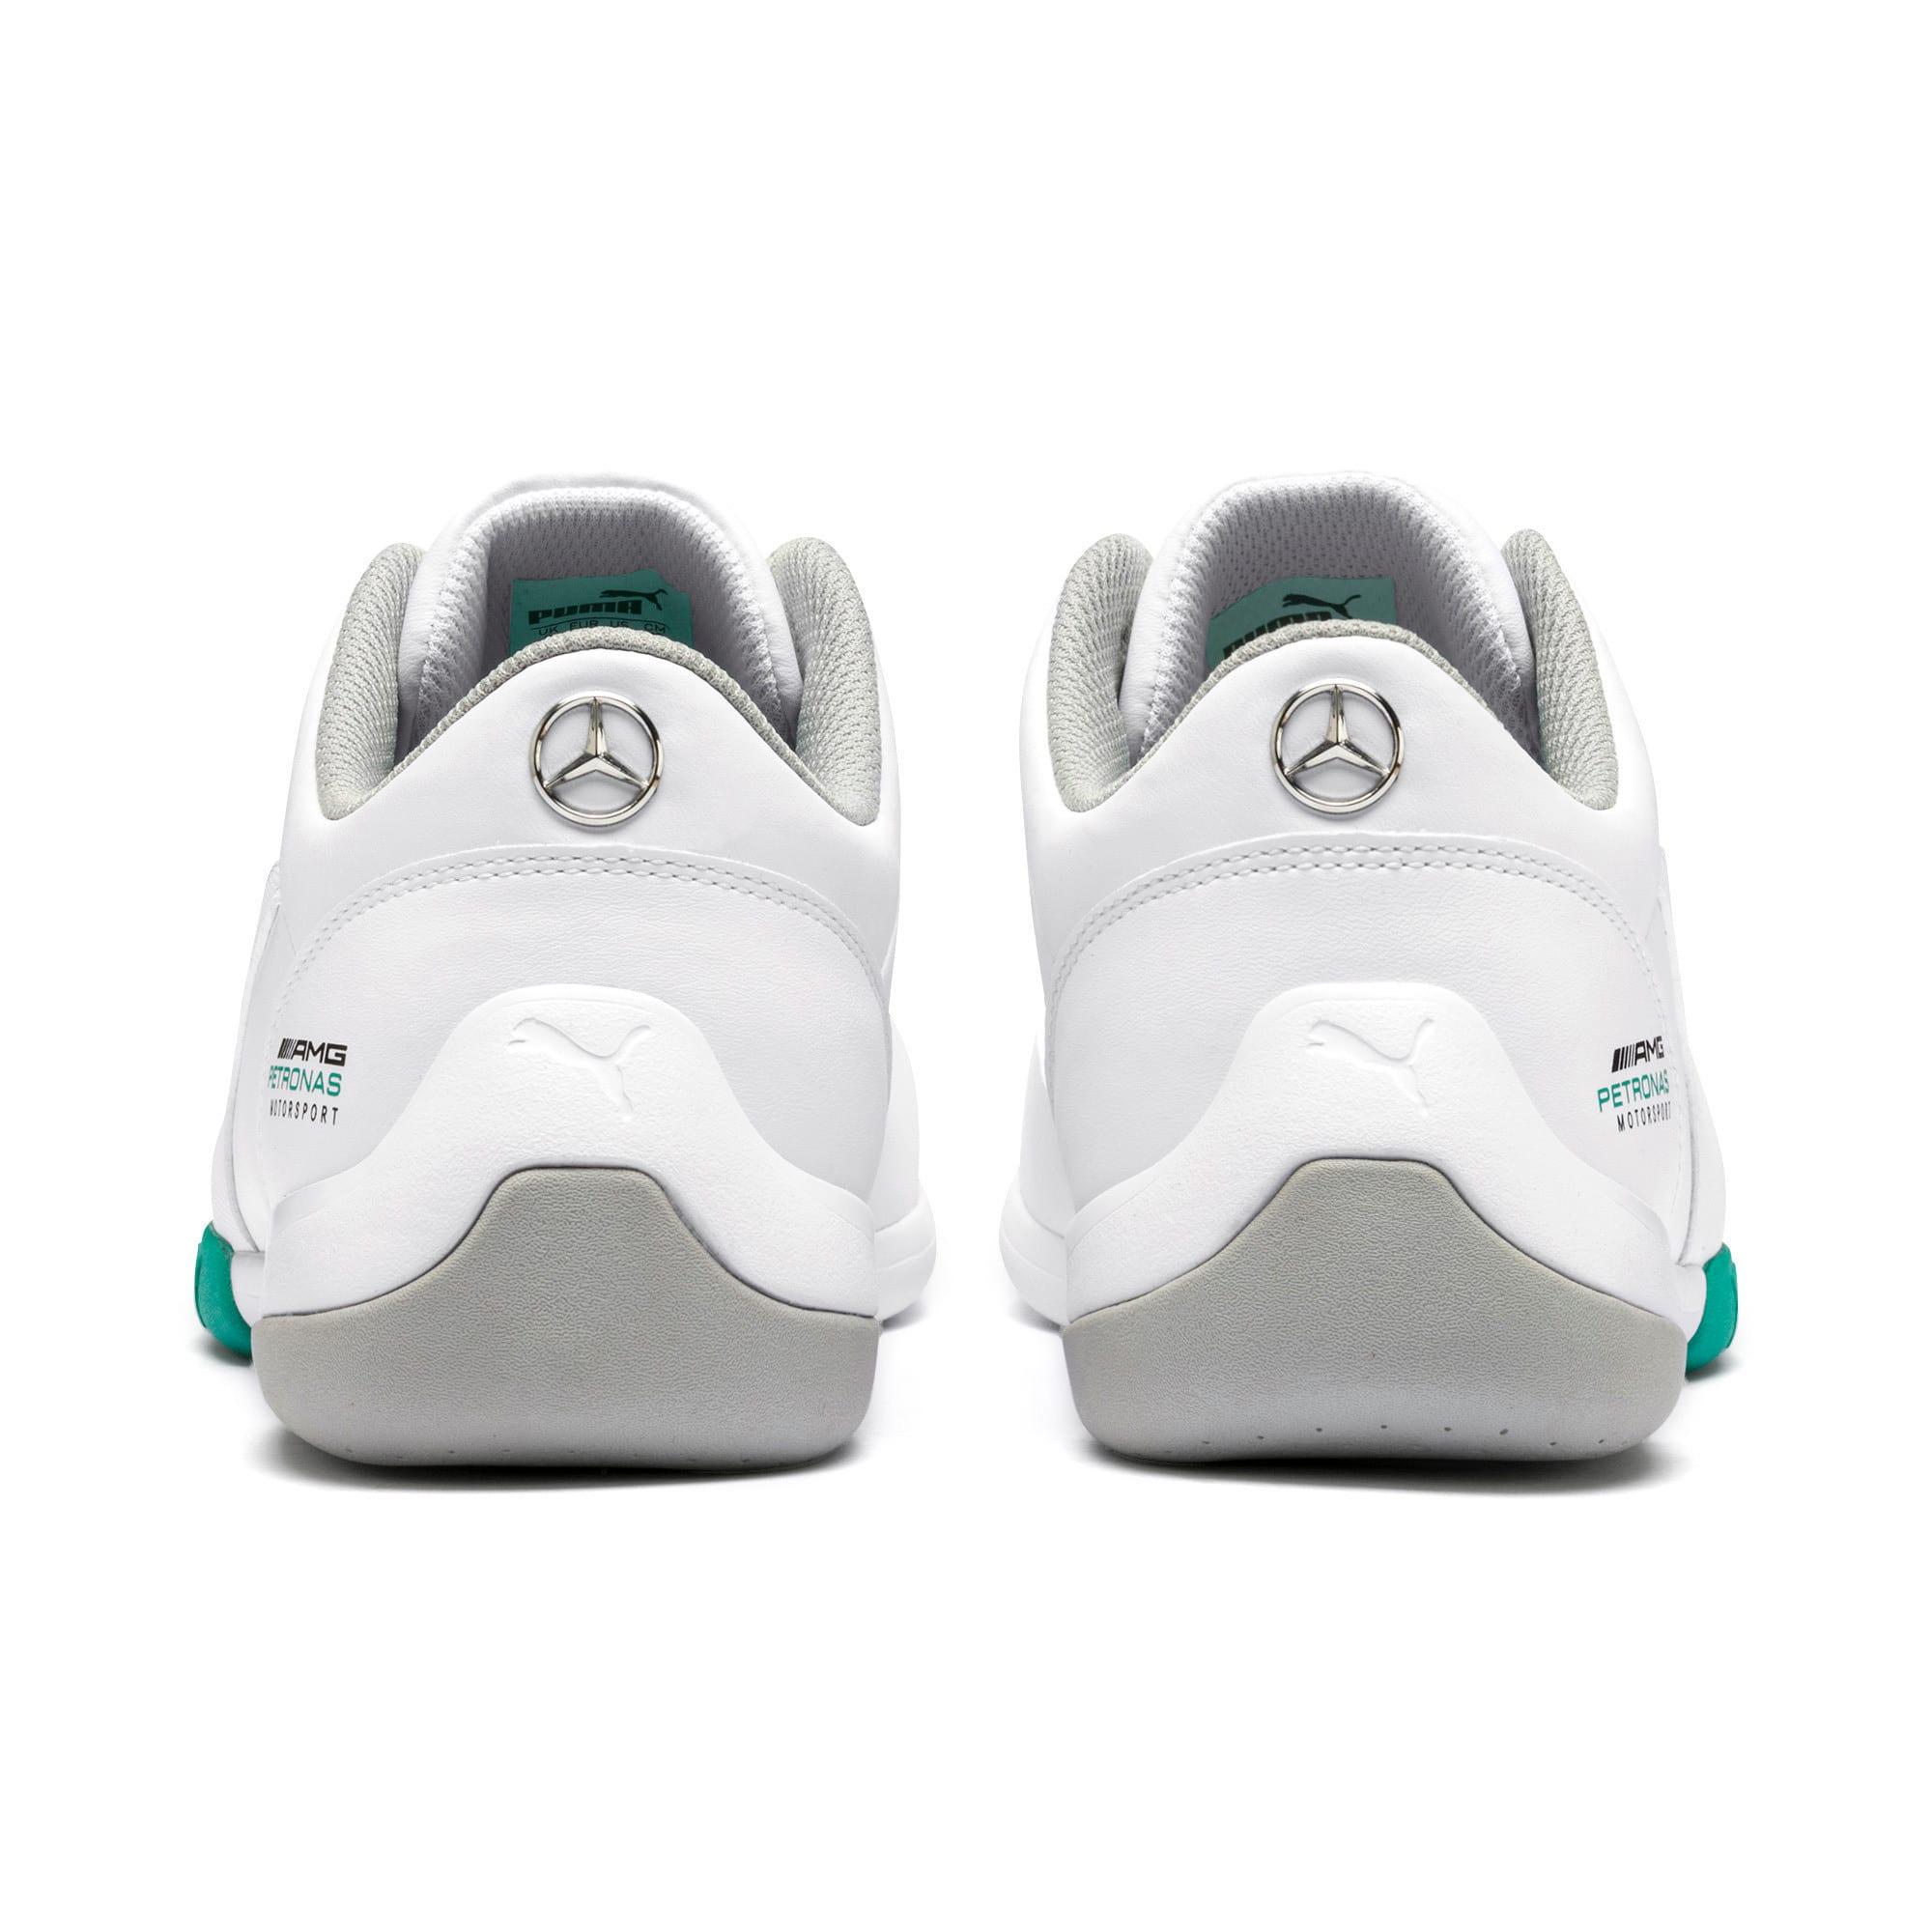 Miniatura 5 de Zapatos Mercedes AMG Petronas Kart Cat III, Puma White-Puma White, mediano